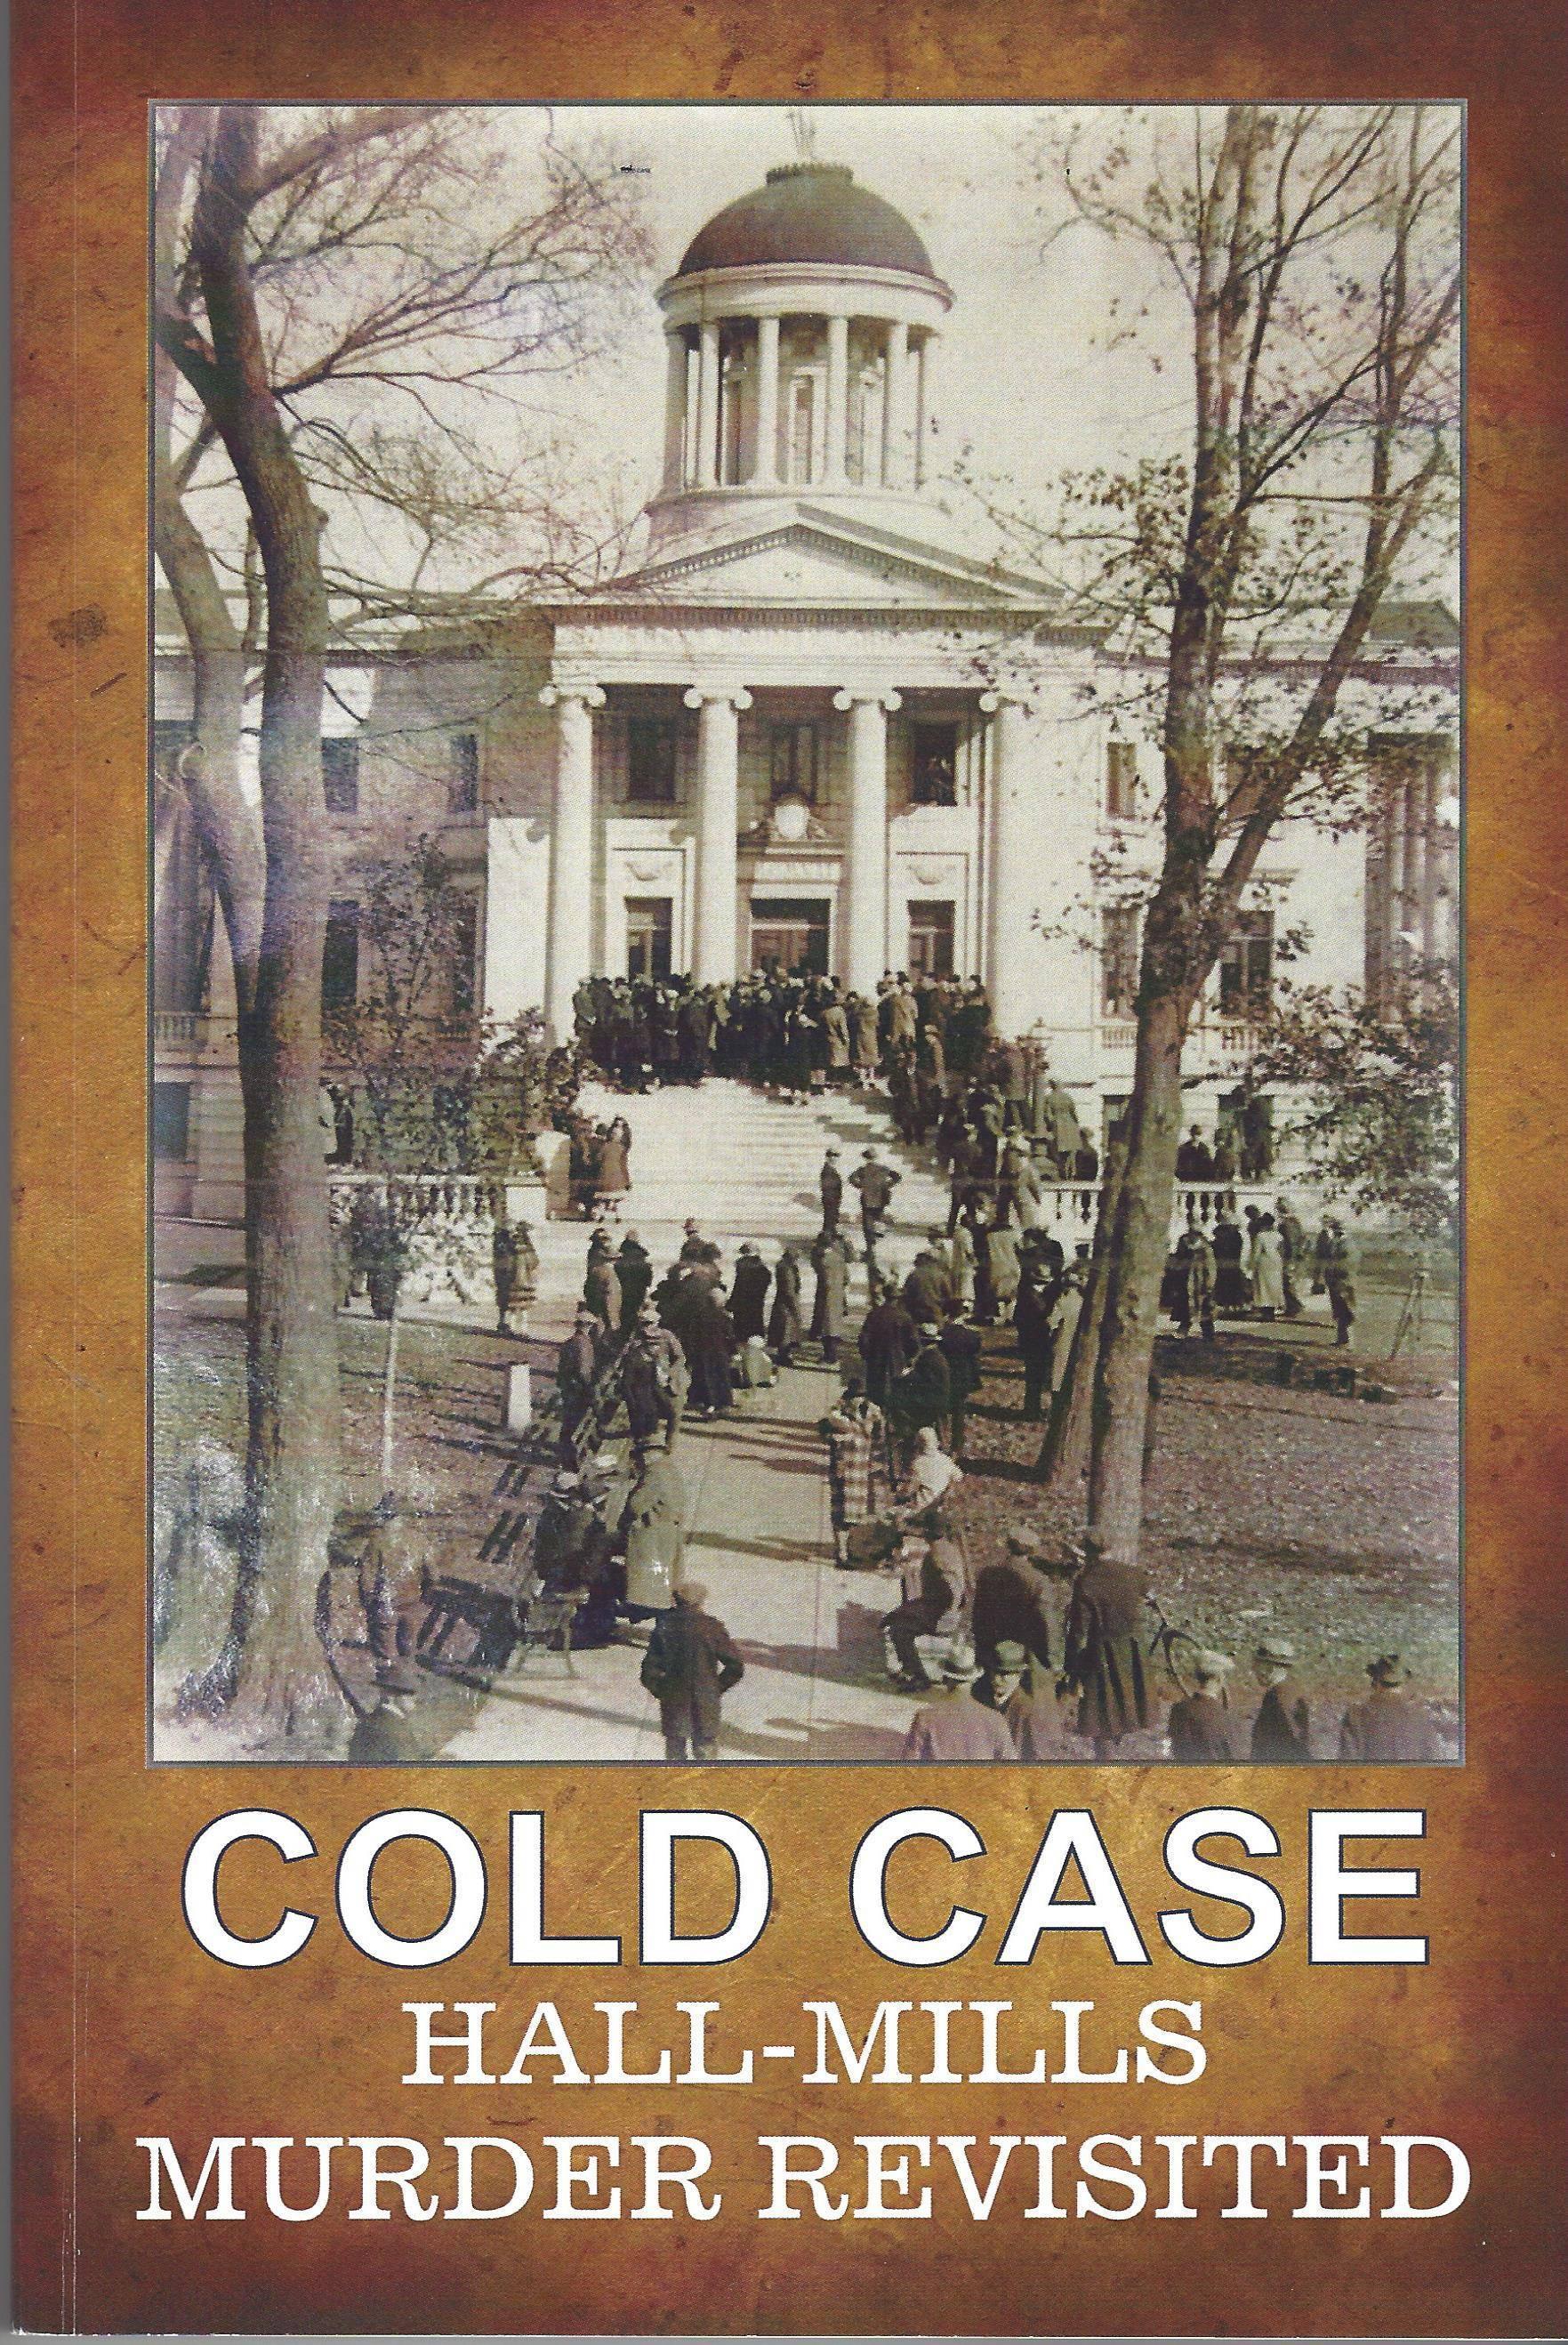 abe927c99d4817b1942b_Book_cover.jpg